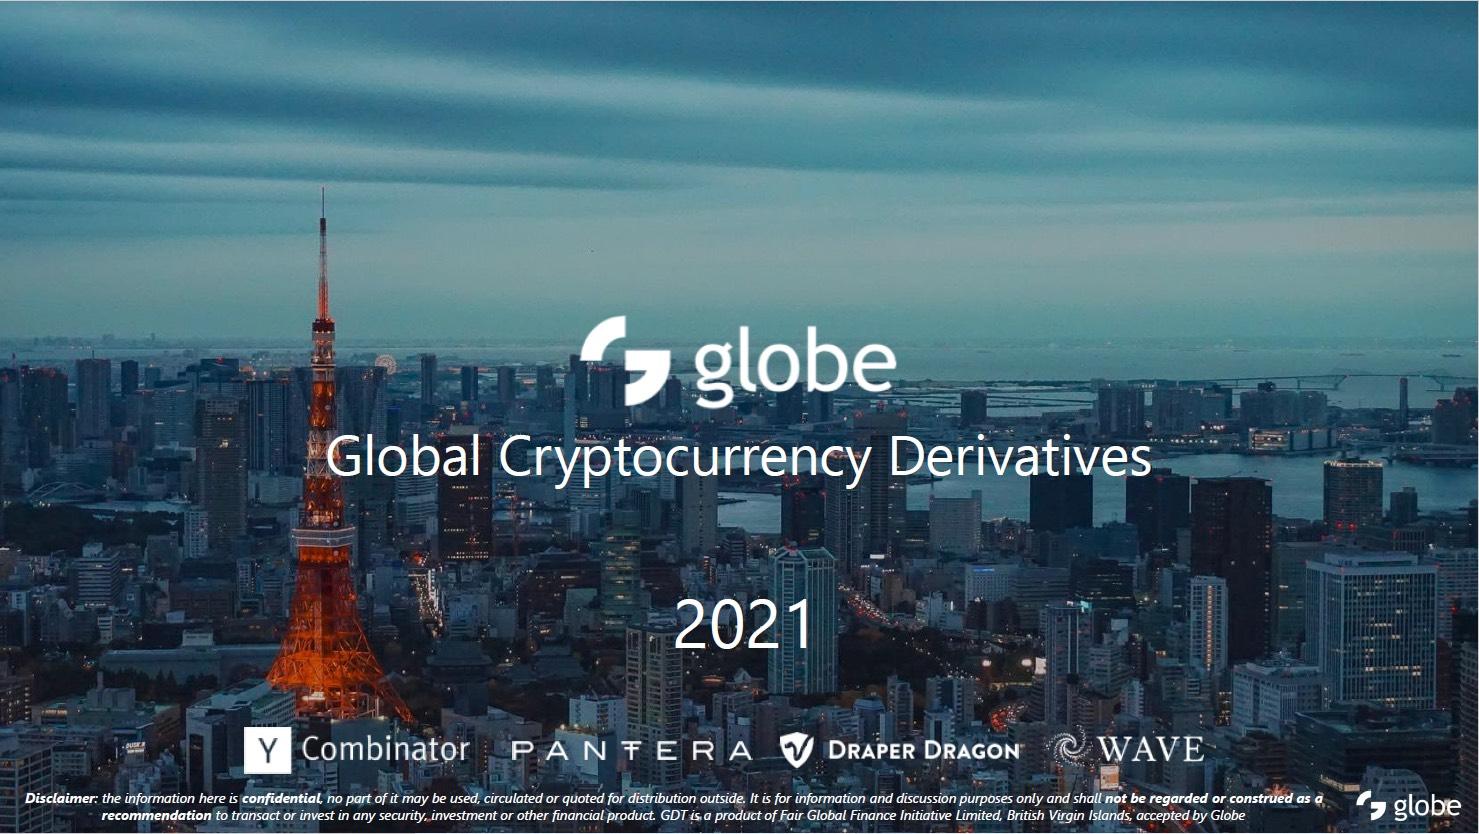 超低遅延、暗号通貨デリバティブ取引所グローブ(Globe)が始動